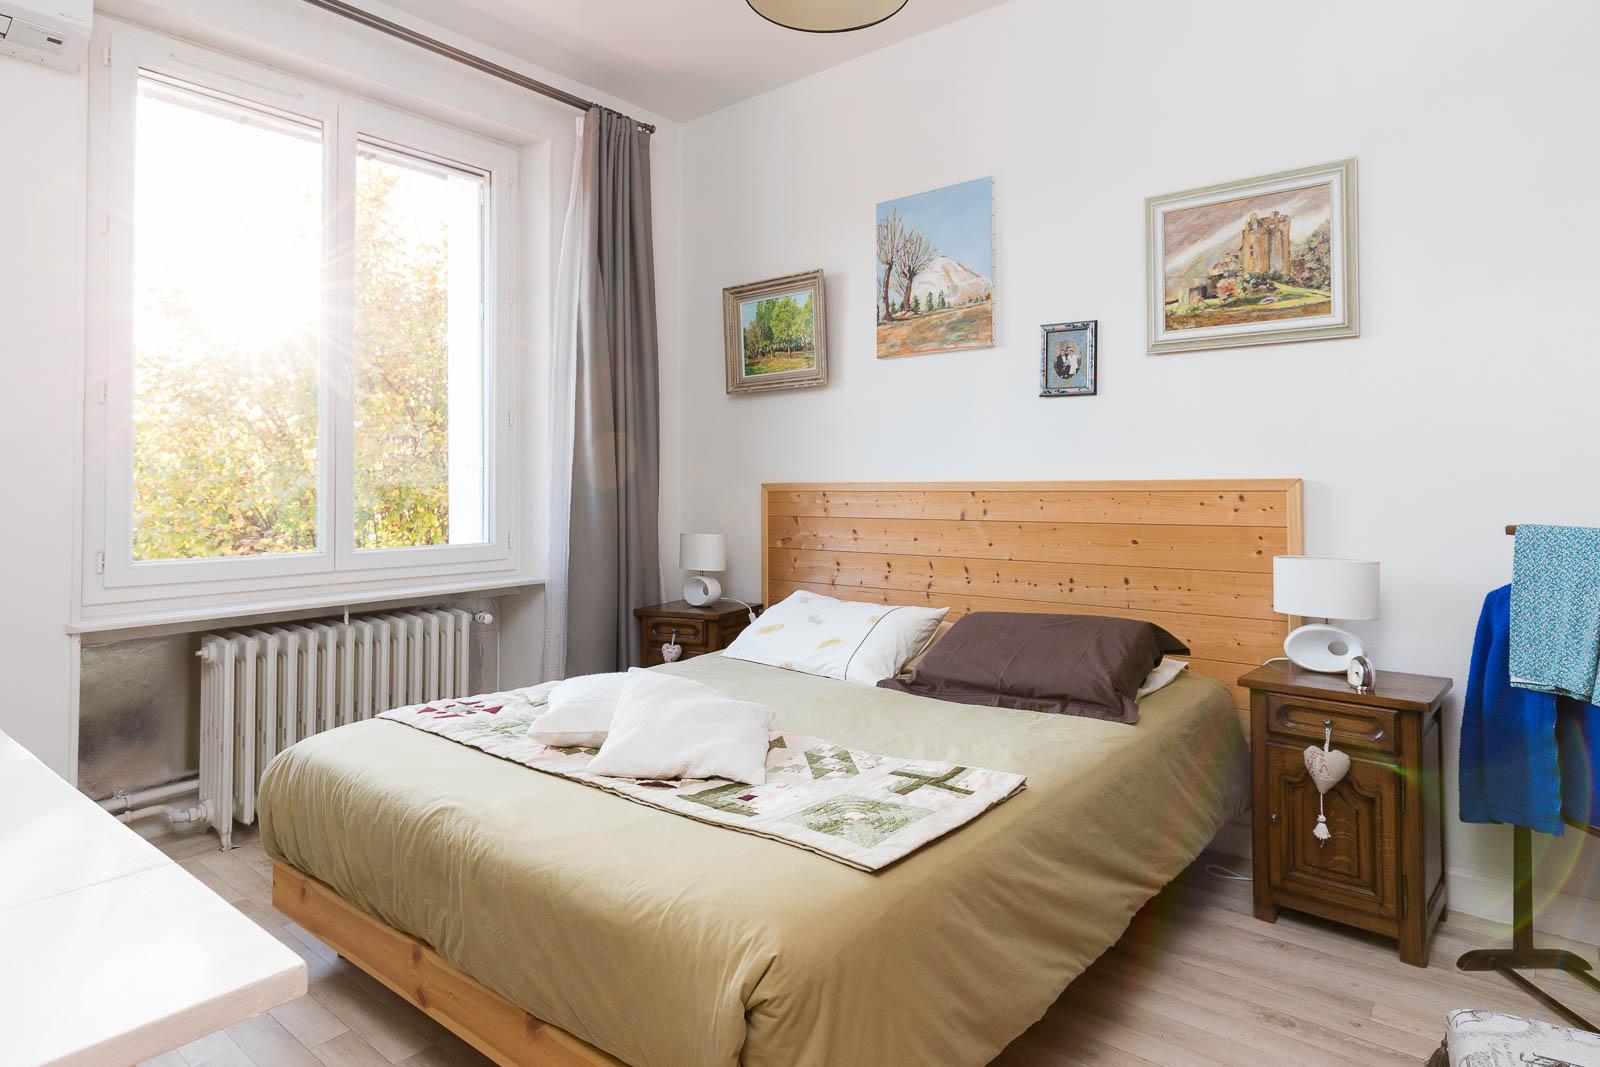 Immobilier - ©Yohan Boniface Photographe - Mariage Portraits Immobilier Entreprises Clermont Ferrand Auvergne France (30).jpg